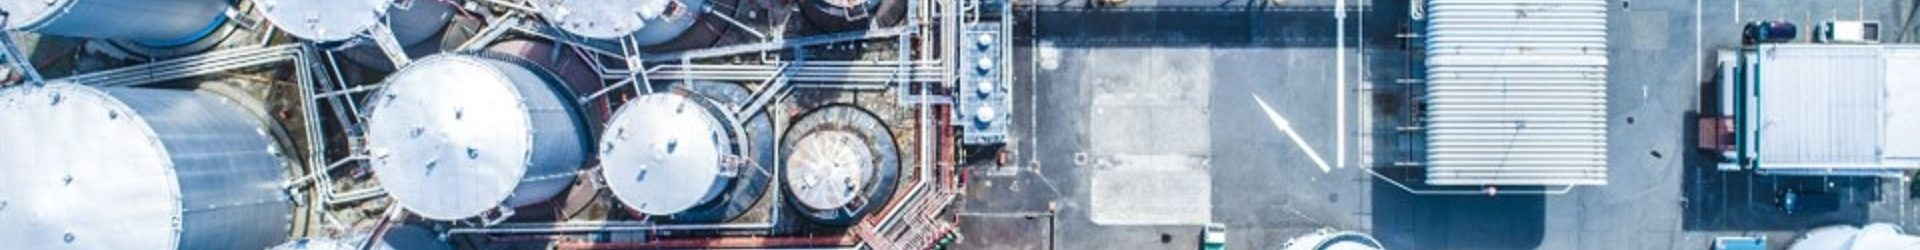 Acciones para maximizar la fiabilidad de la instalaciones